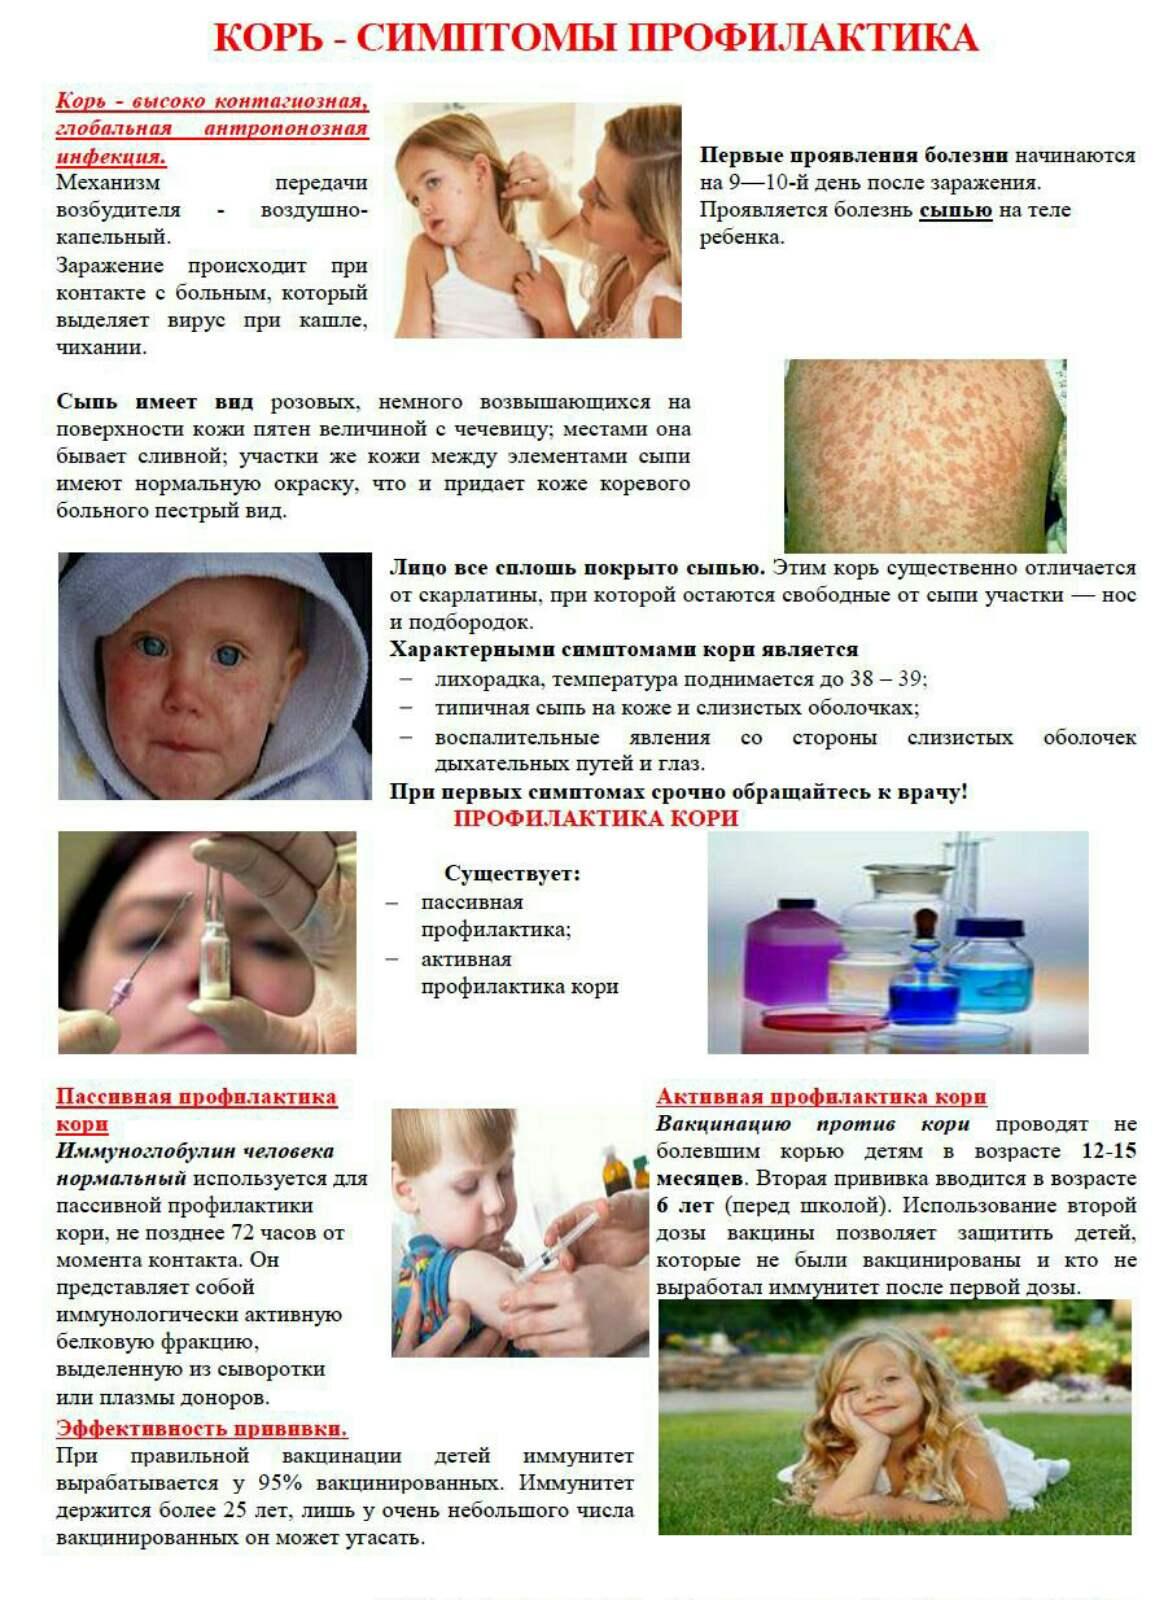 Прививка от кори: график, реакция, побочные действия, вакцины